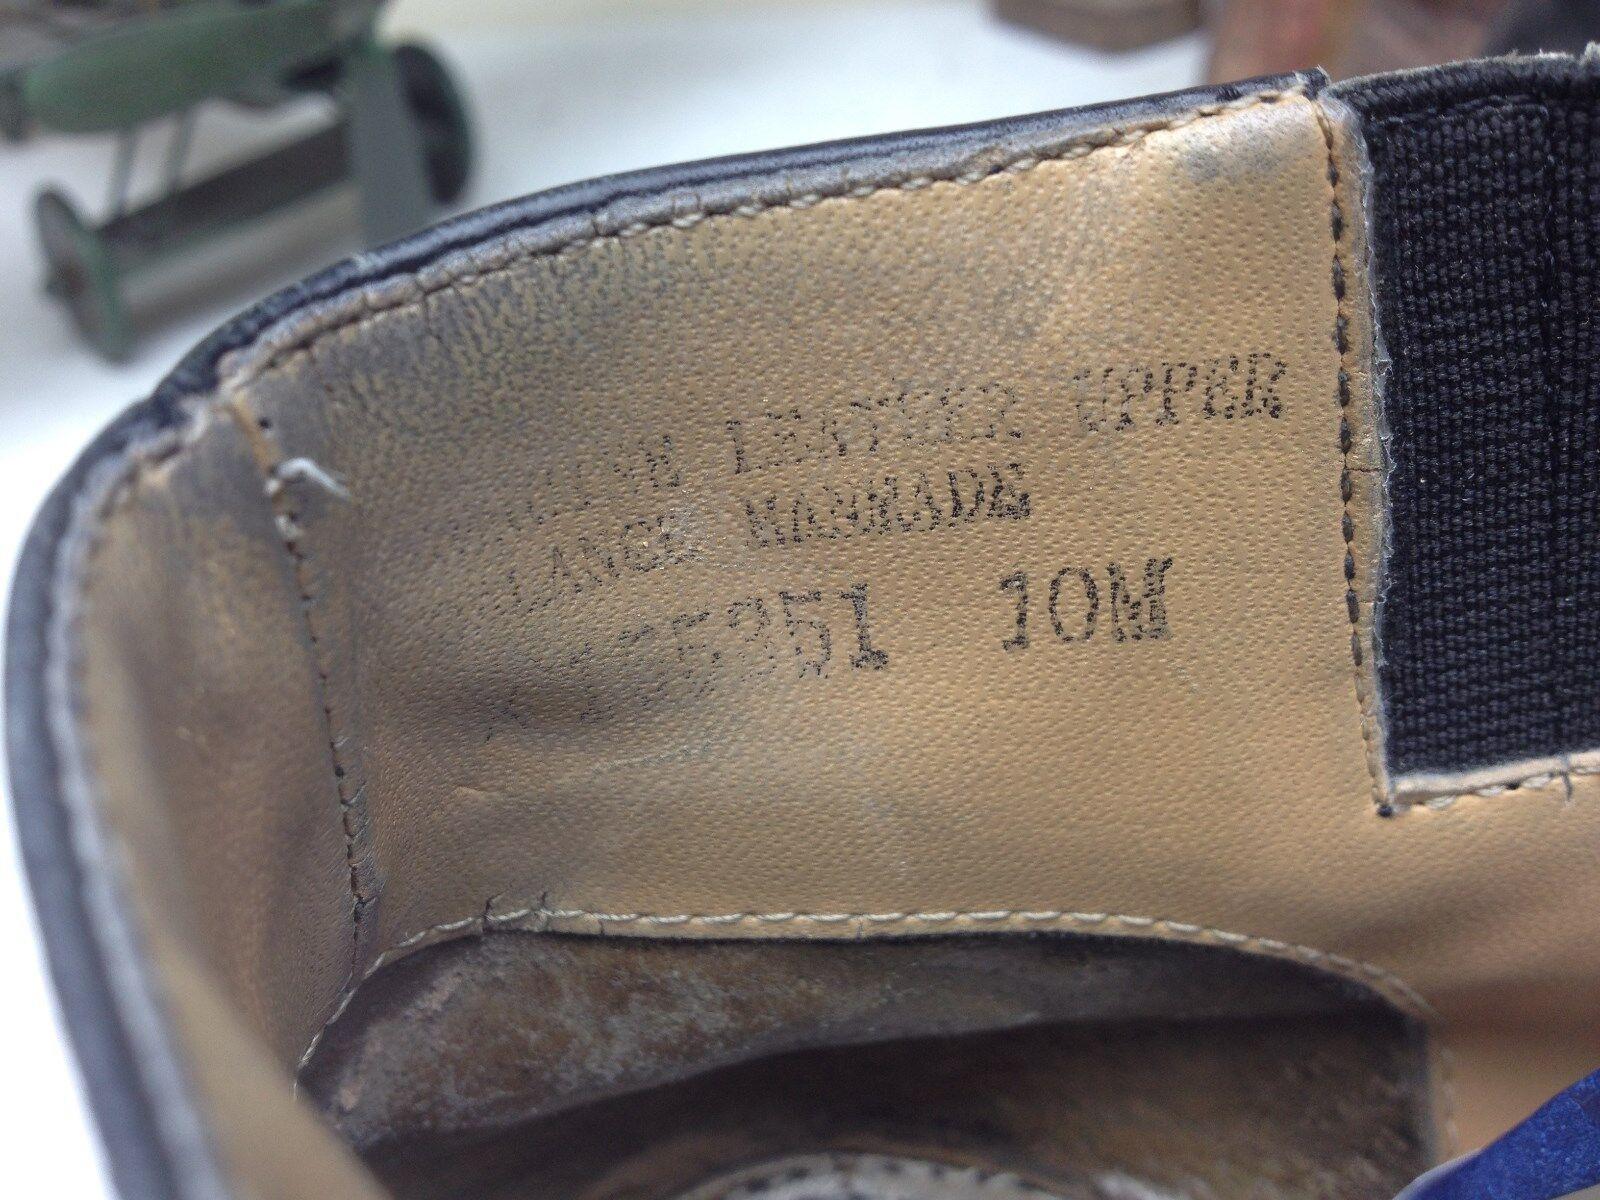 GIORGIO GIORGIO GIORGIO BRUTINI ZIP UP DISTRESSED schwarz LEATHER BEATLE Stiefel 10 M fd8f40